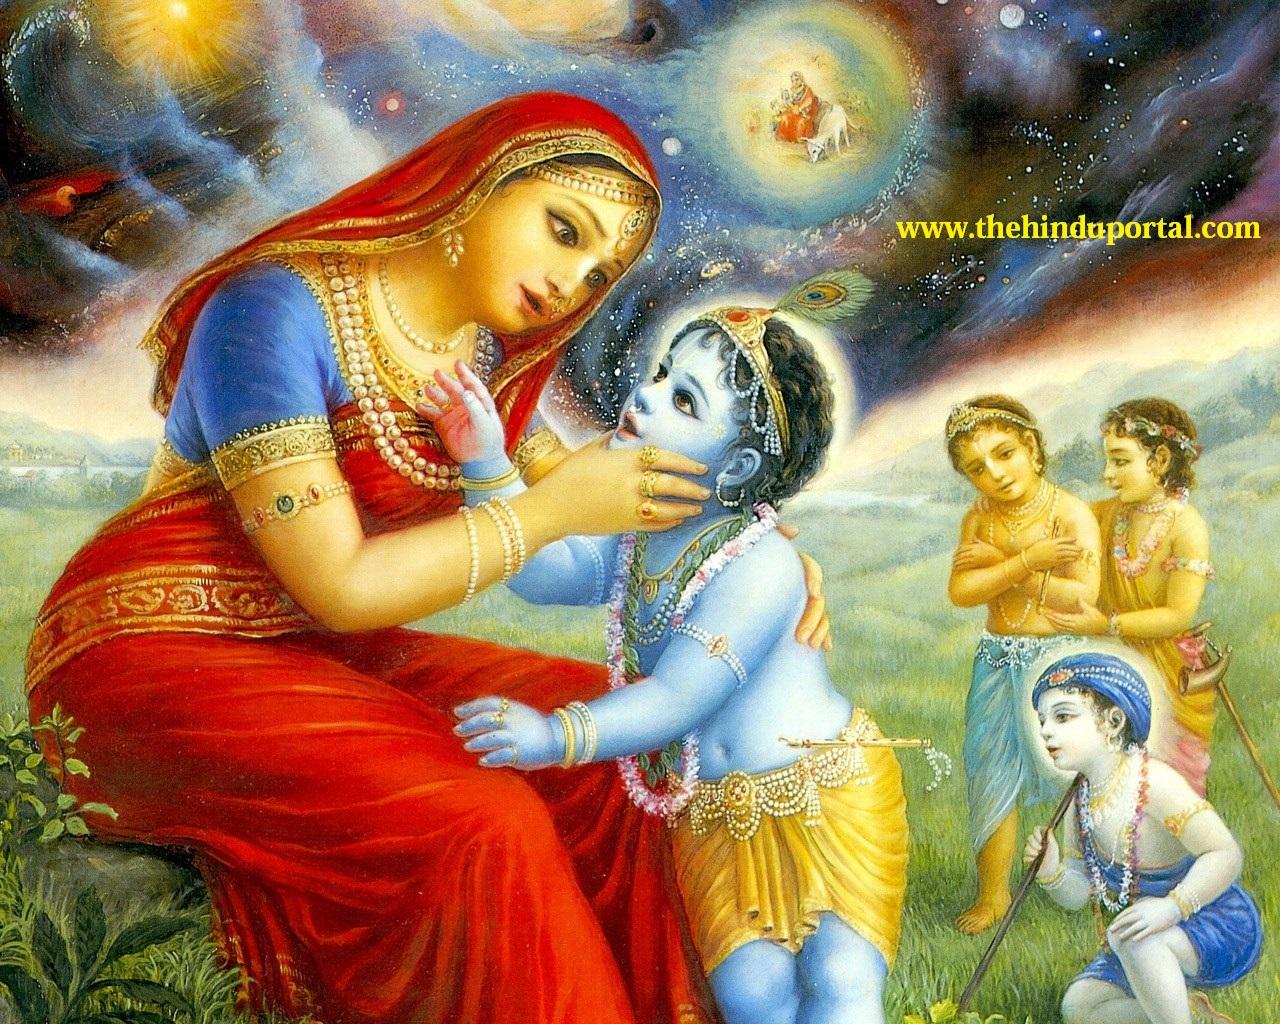 కృష్ణం వందే జగద్గురుం - అర్ధం, పరమార్ధం - Krishnam Vande Jagatgurum